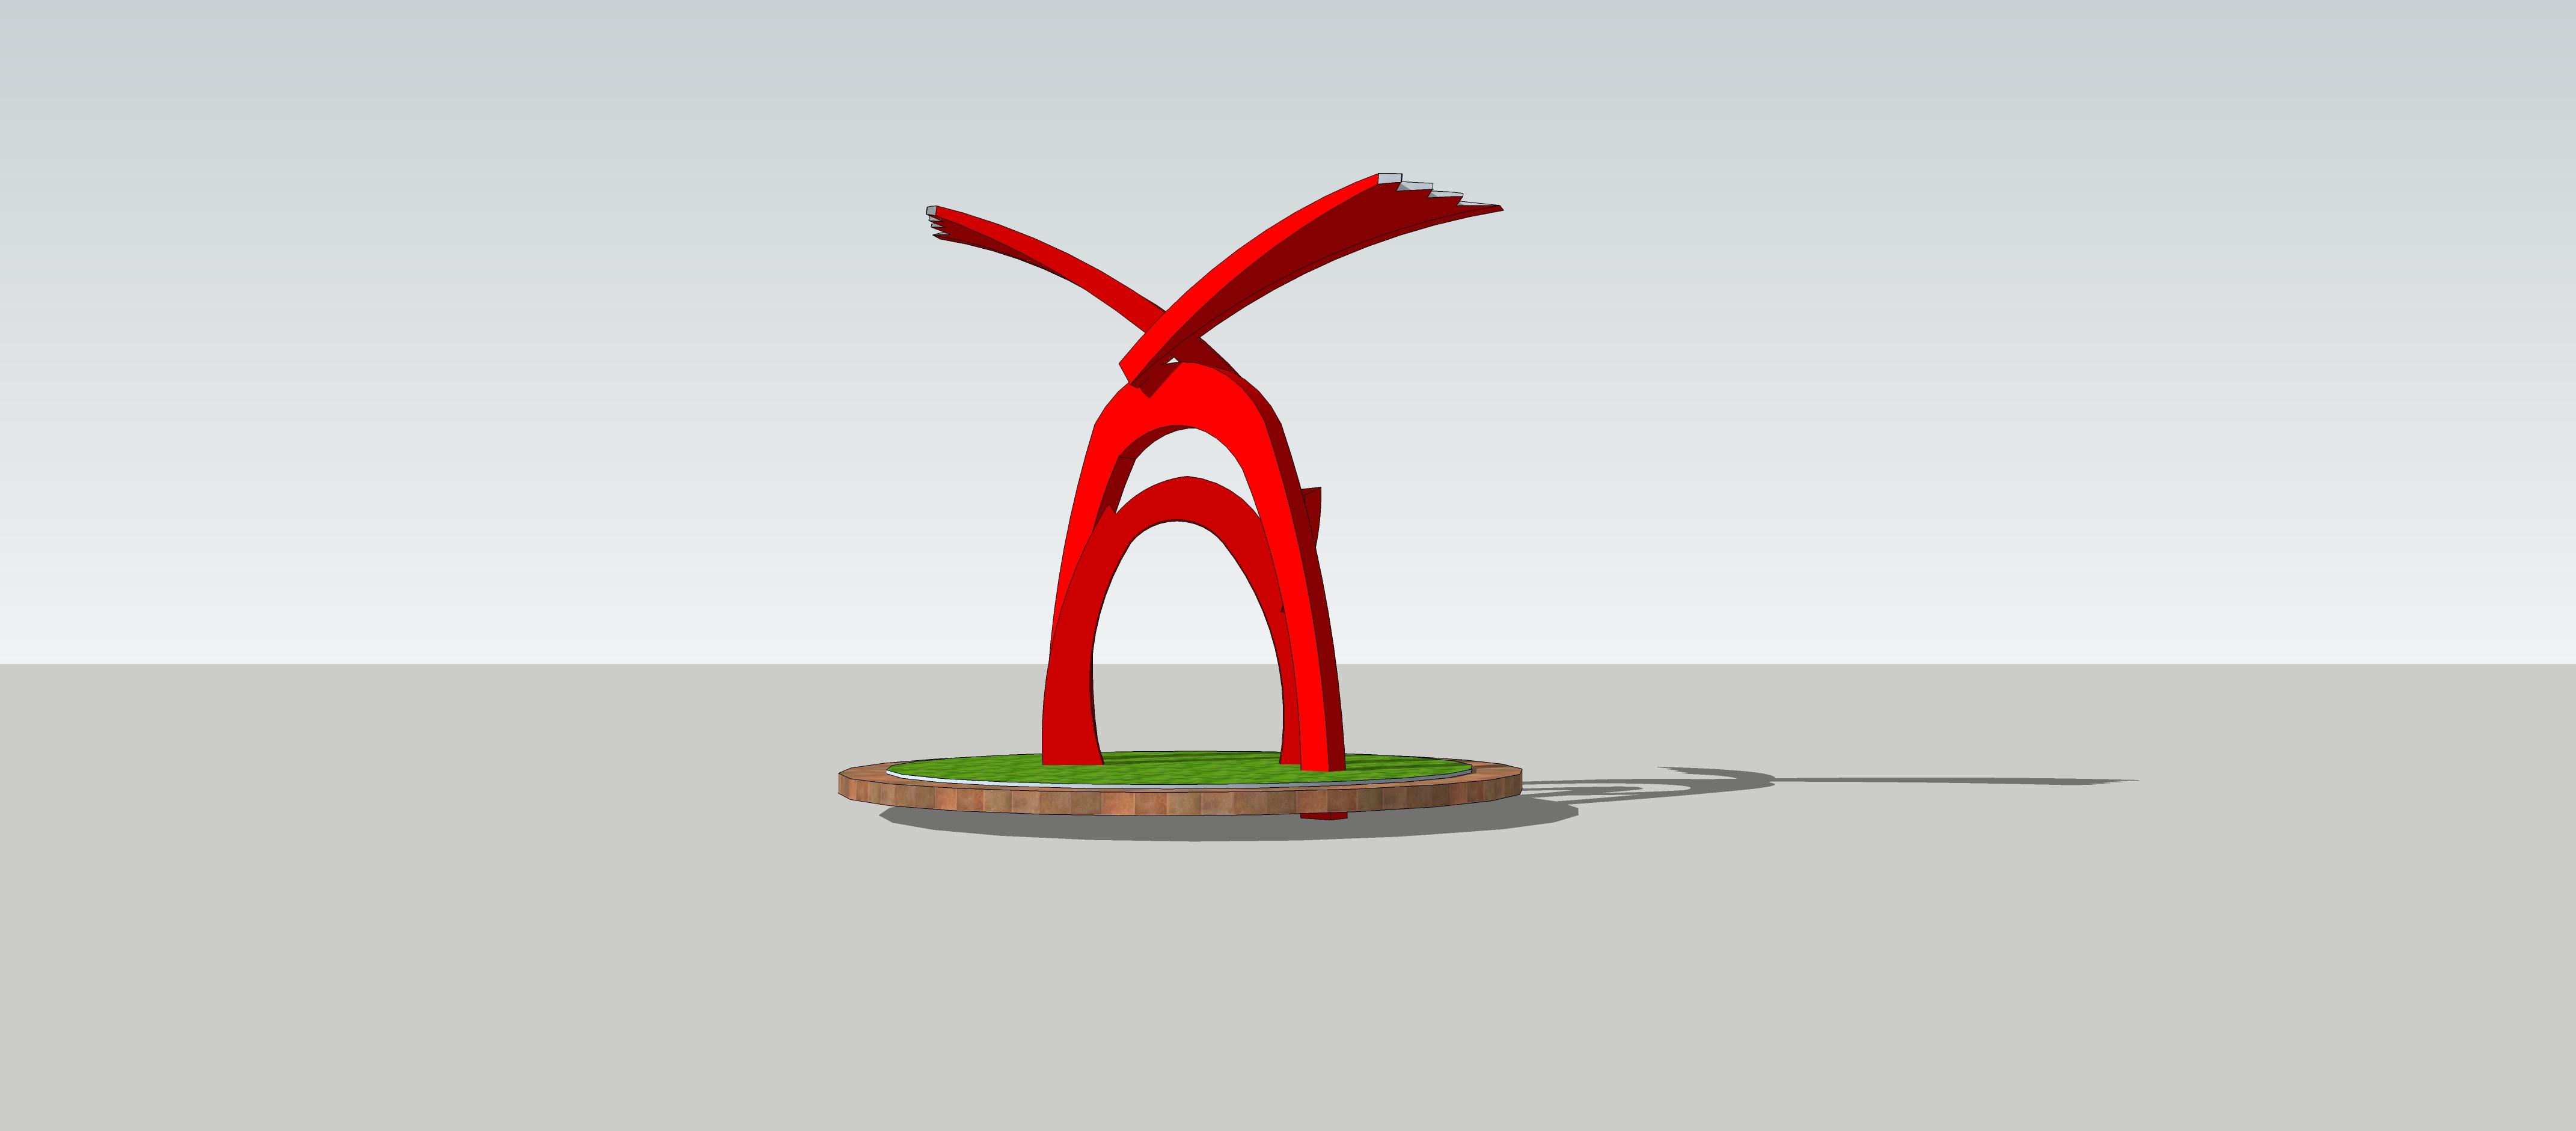 希望小学成长主题抽象雕塑设计